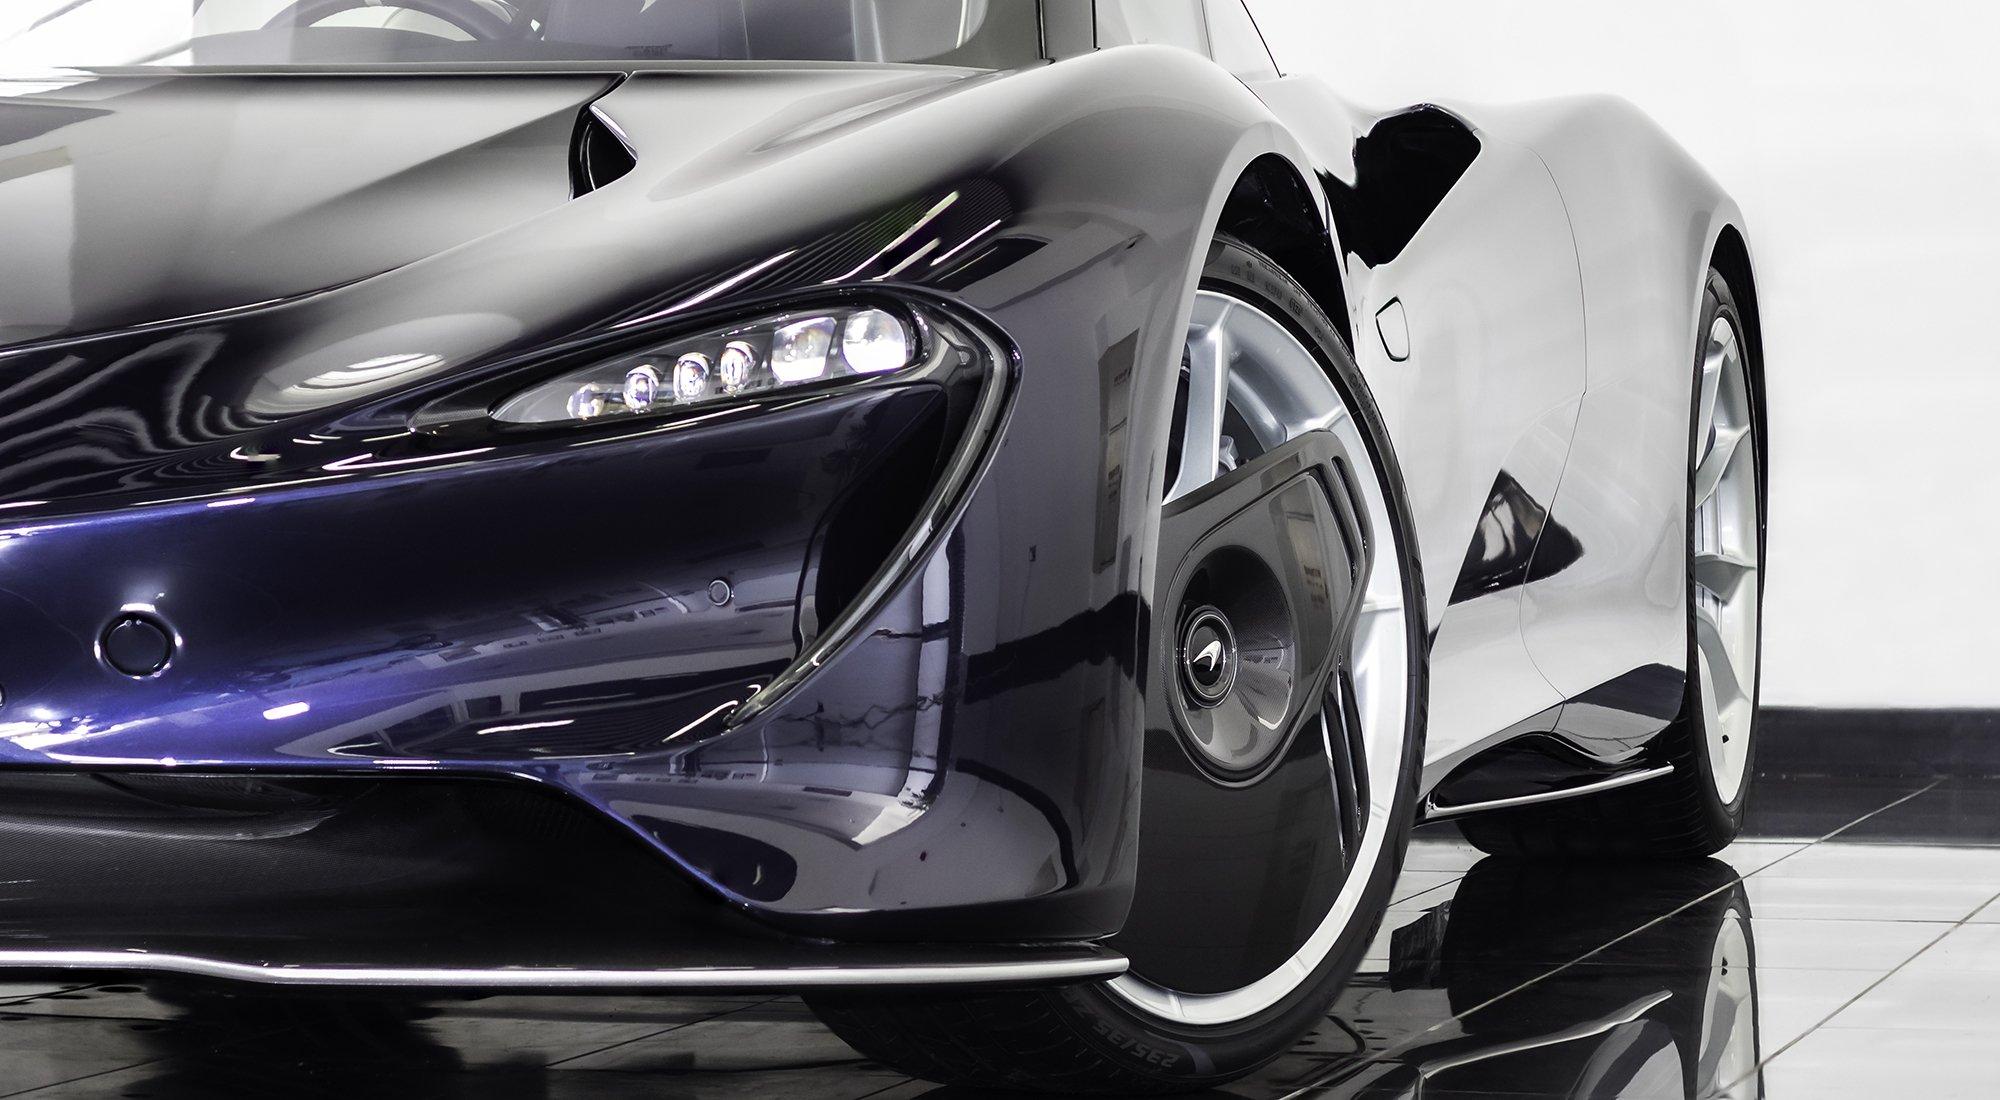 McLaren Speedtail headlight